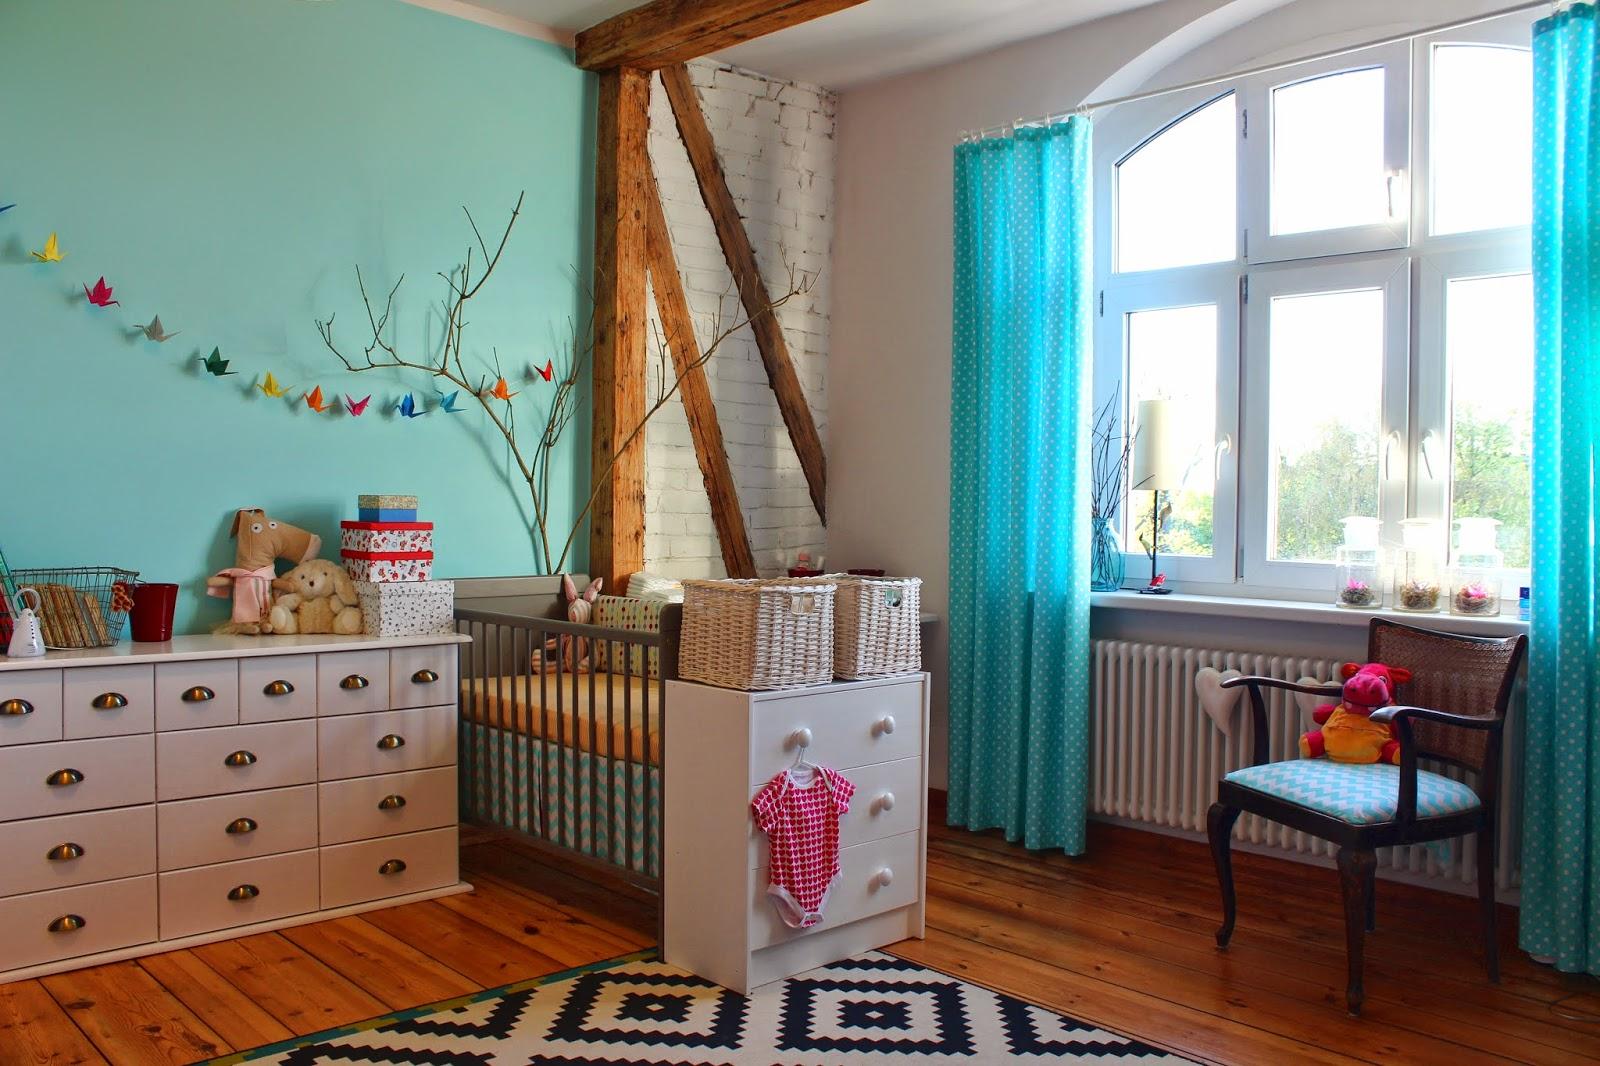 eklektyczny, vintage turkusowy pokój niemowlaka